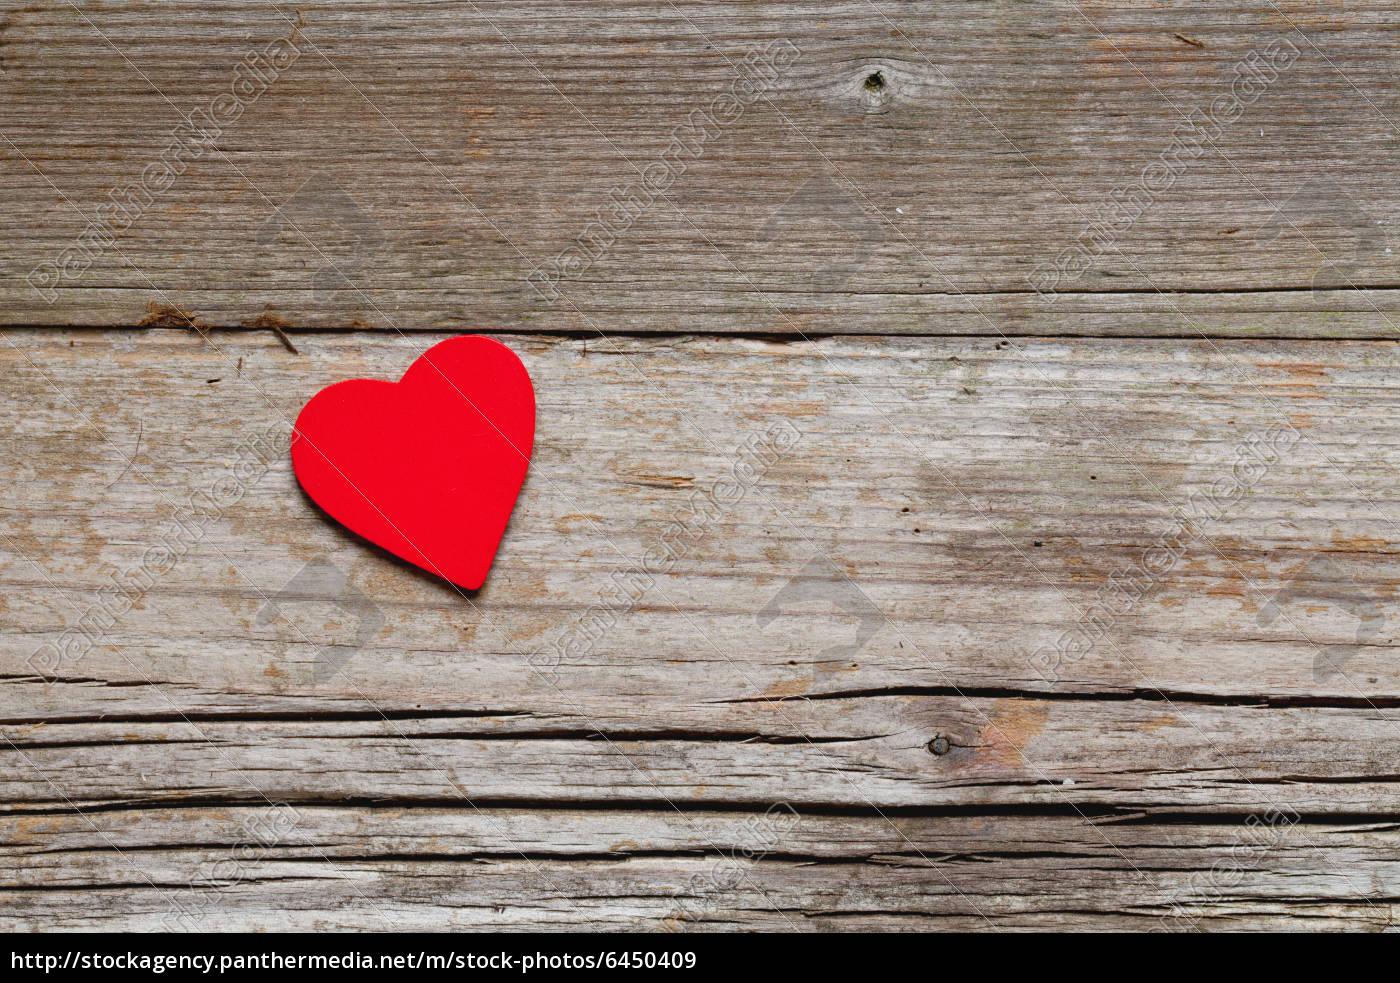 Steinbach an der steyr beste dating app, Sextreff in